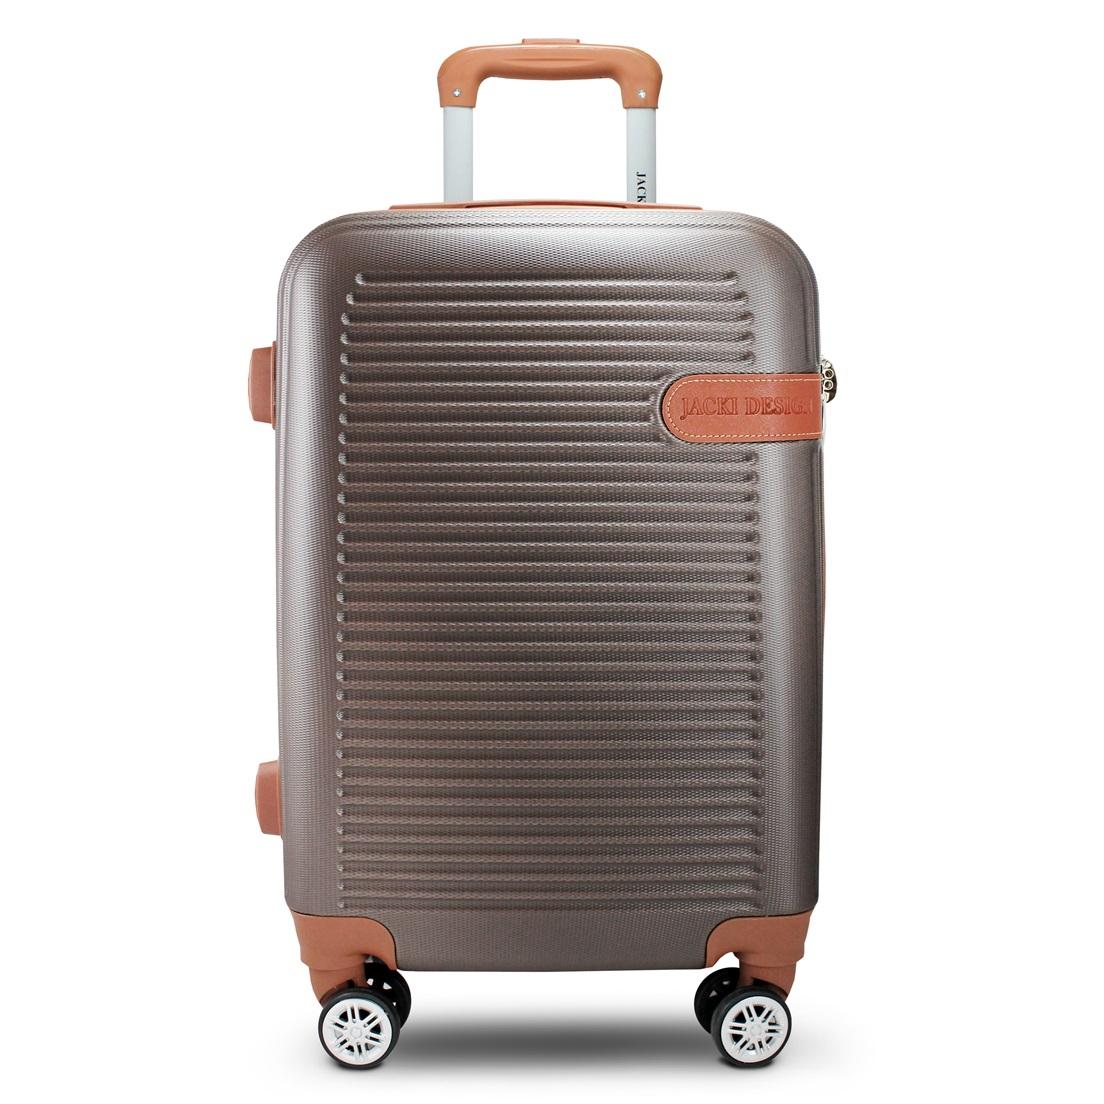 Mala de Bordo para Viagem Premium Bronze Jacki Design